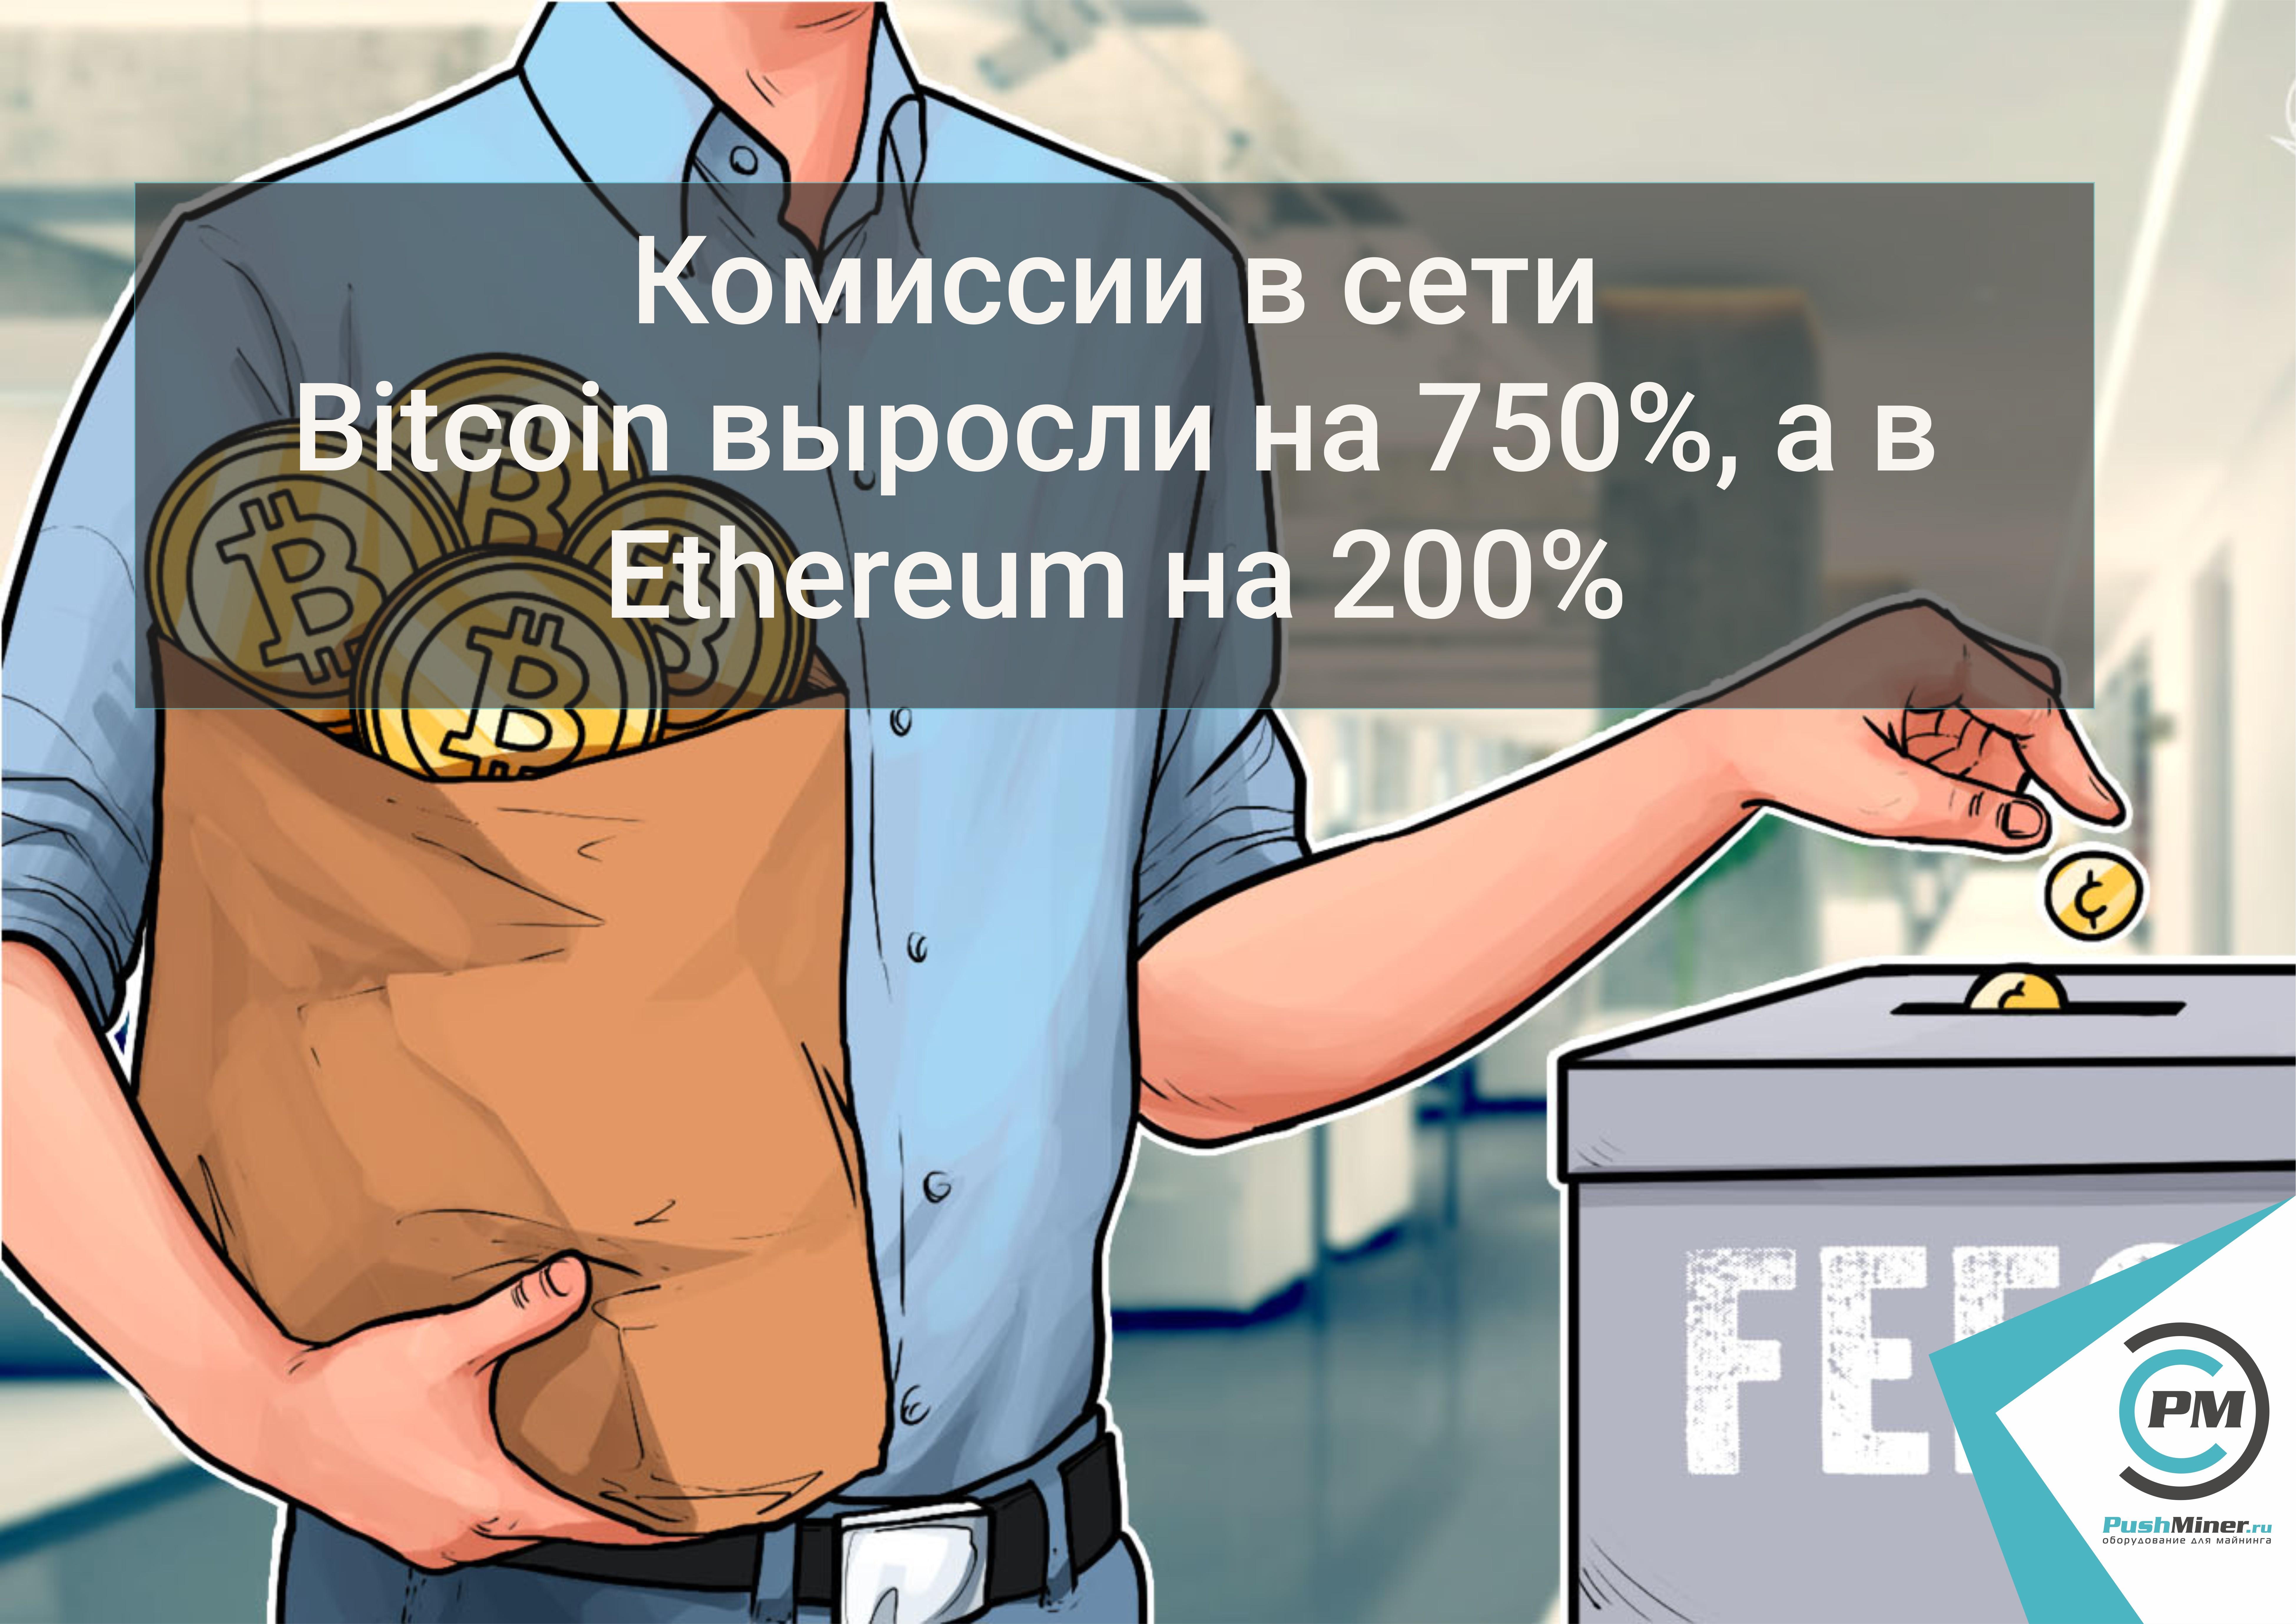 Комиссии в сети Bitcoin выросли на 750%, а в Ethereum на 200%